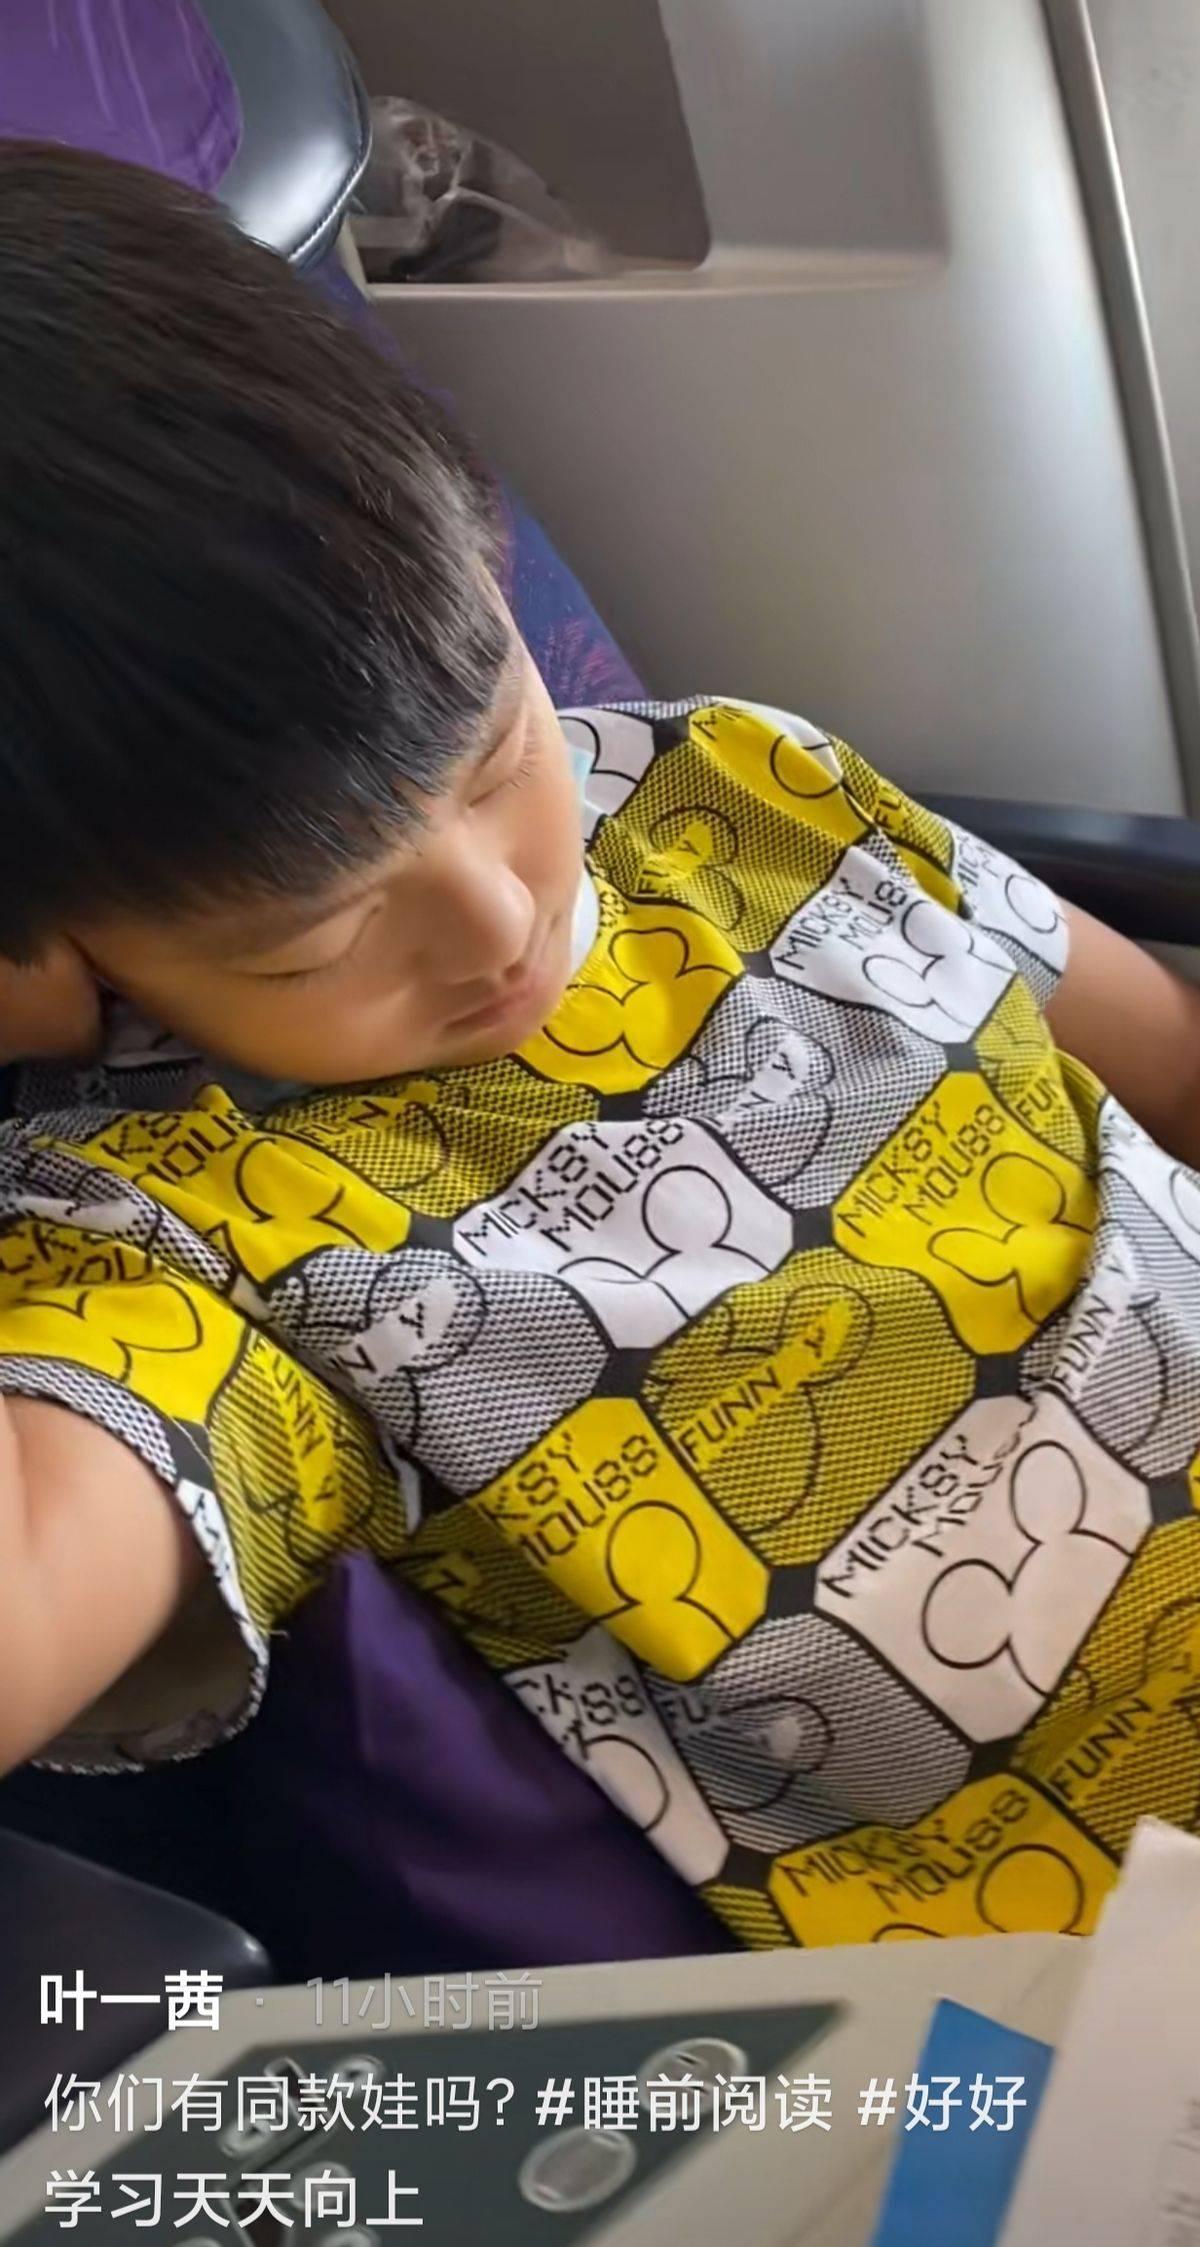 星二代太拼!叶一茜带儿子坐头等舱,孩子捧书睡过去,旁边摆满书